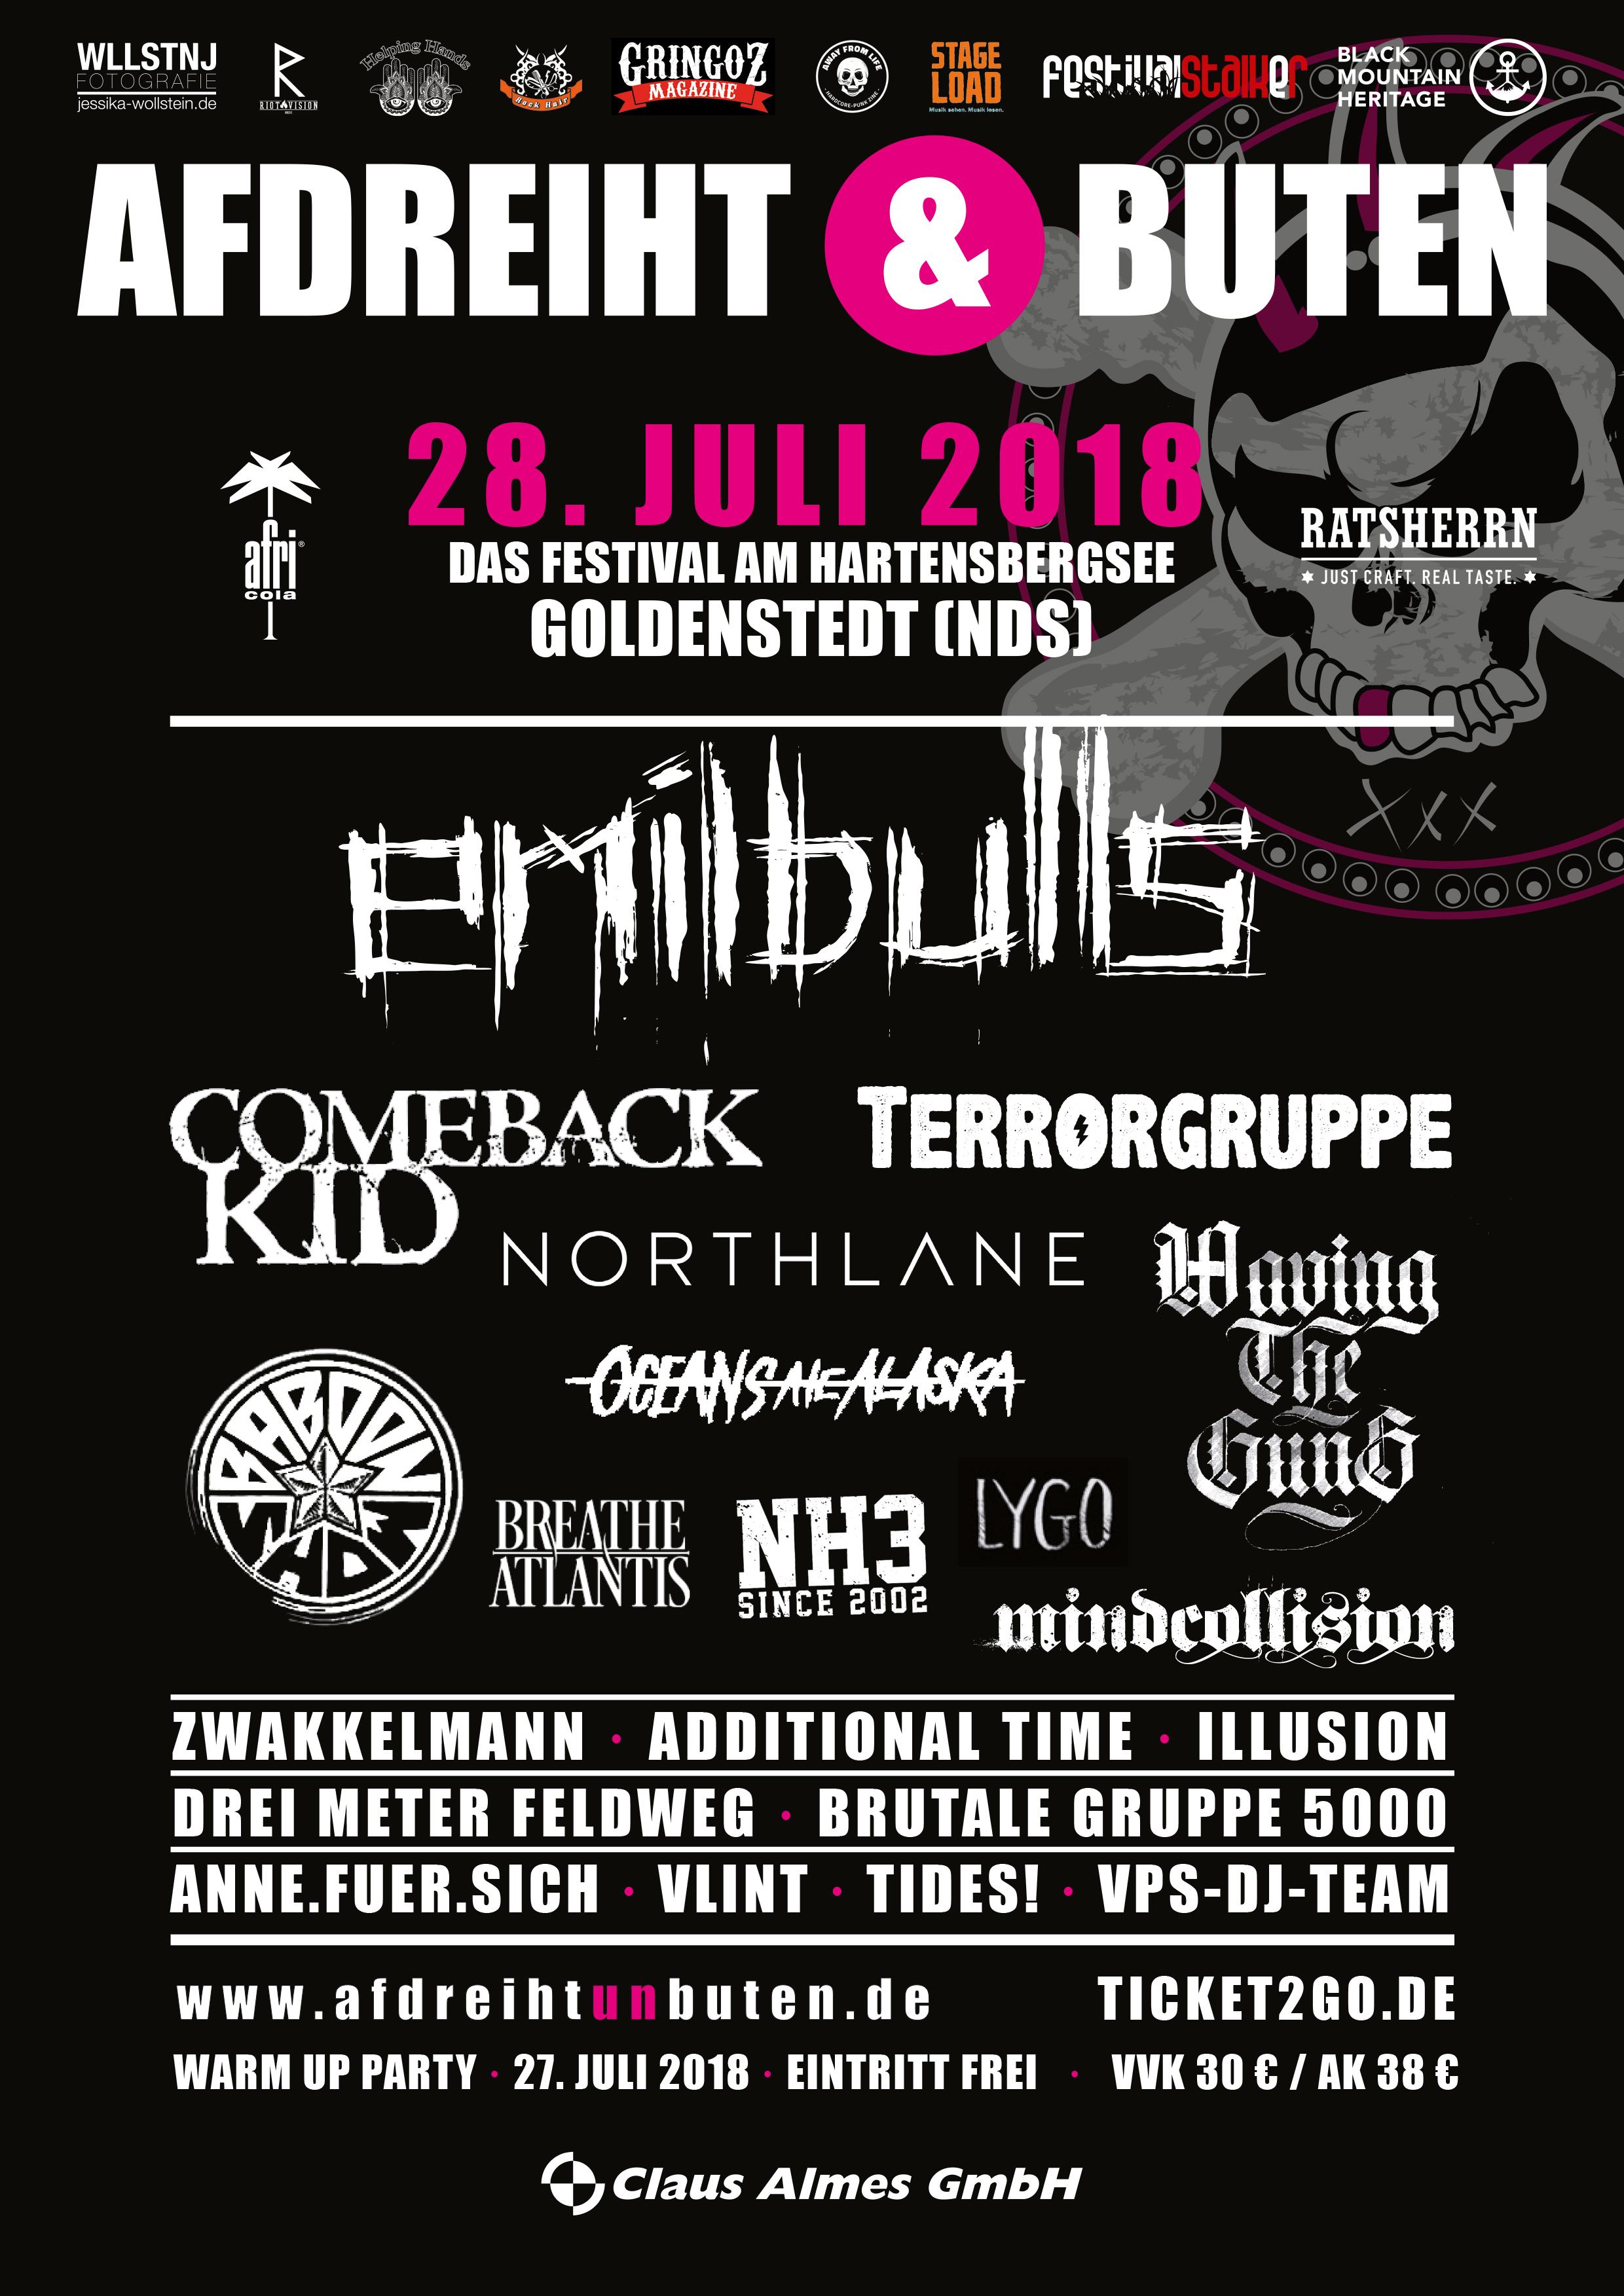 Tourplakat - Afdreiht & Buten Festival 2018